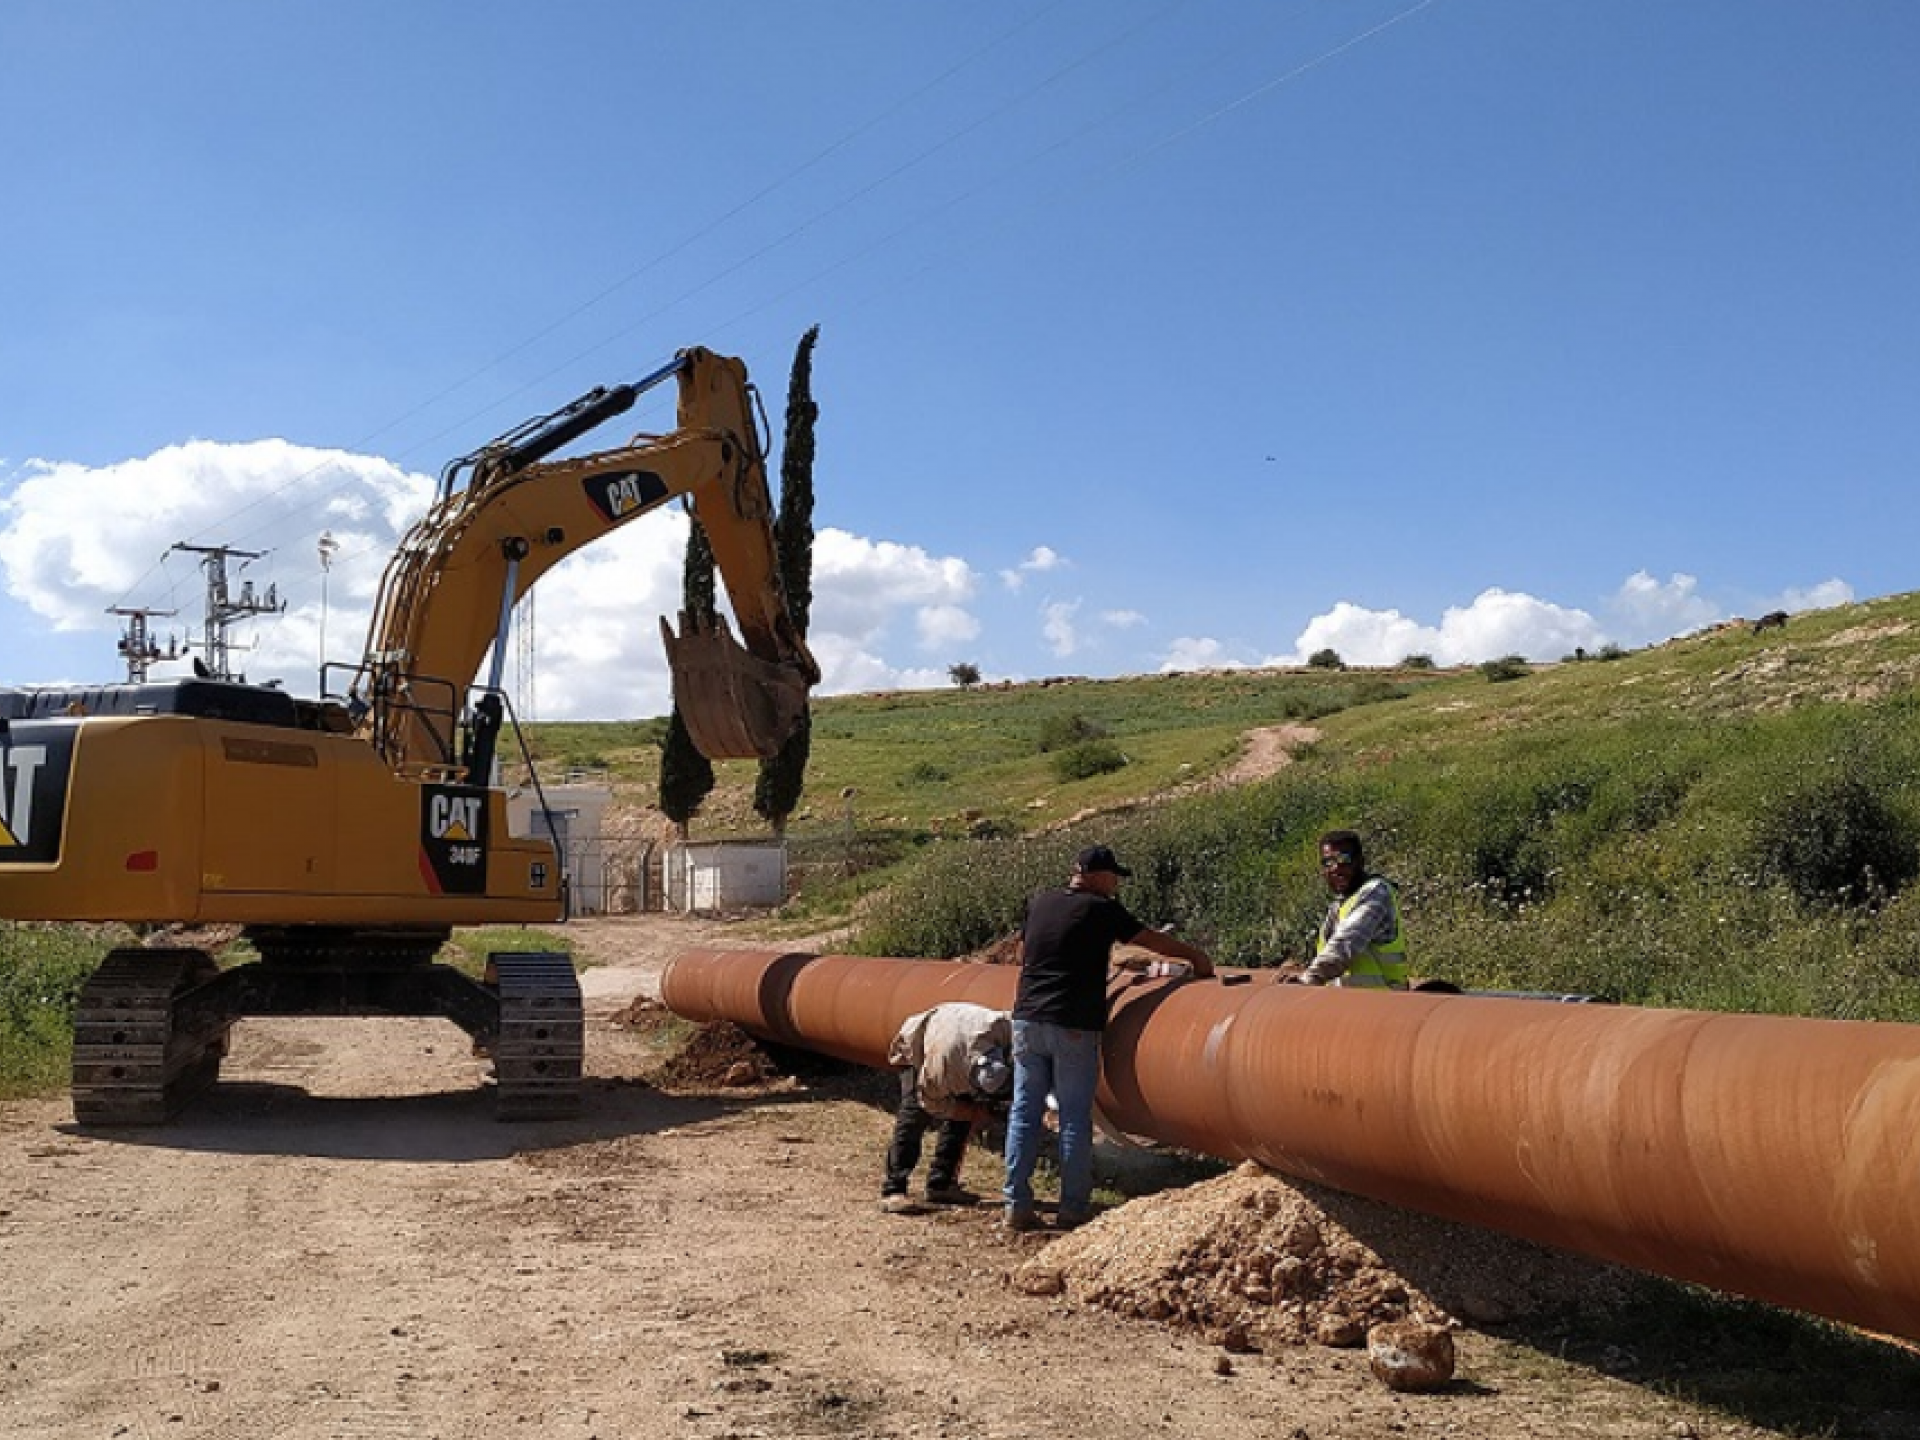 צינור מים גדול נמתח לעבר אחת הגבעות, משם יעברו המים אל ההתנחלויות